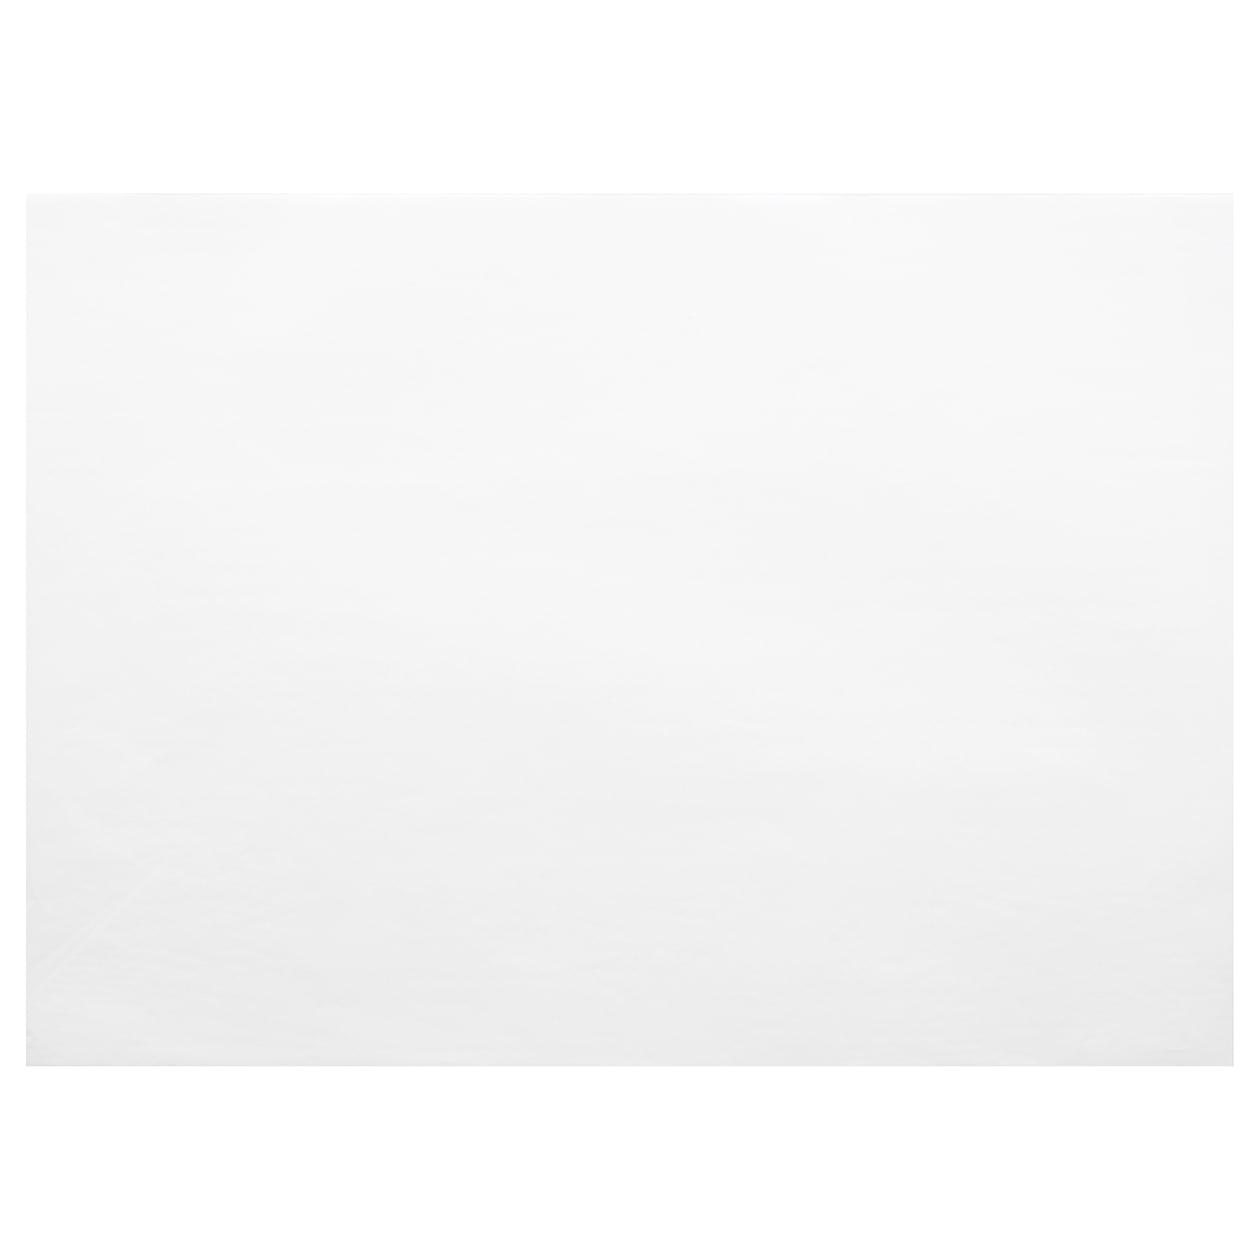 394×545 薄葉紙 ホワイト 33g(トモエリバーマット)